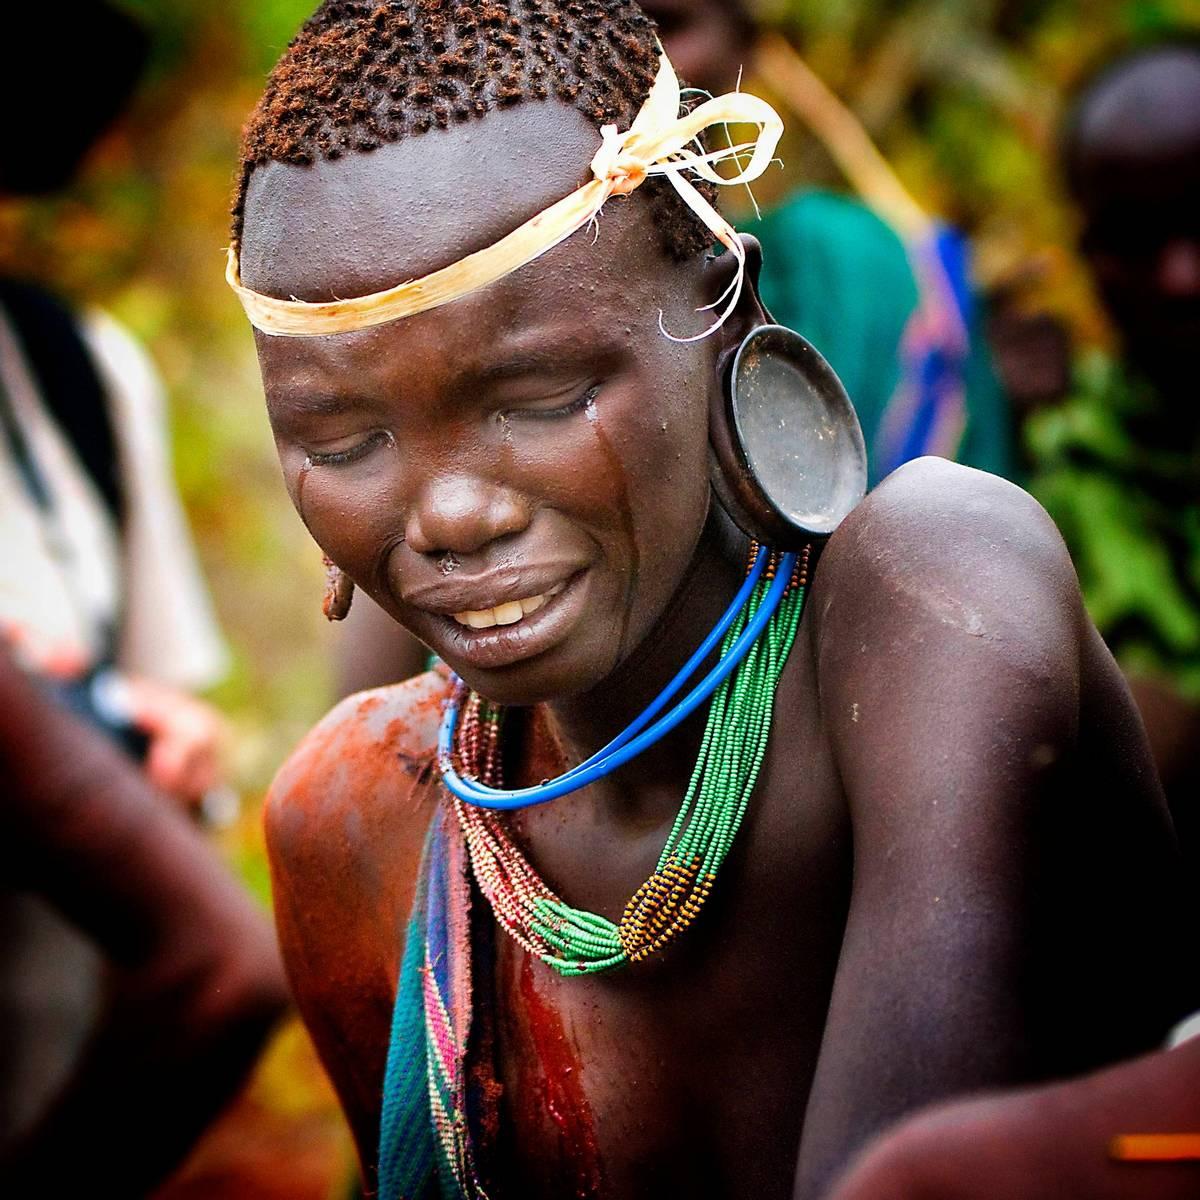 Эфиопское племя участвует в жестоких битвах палками за невесту